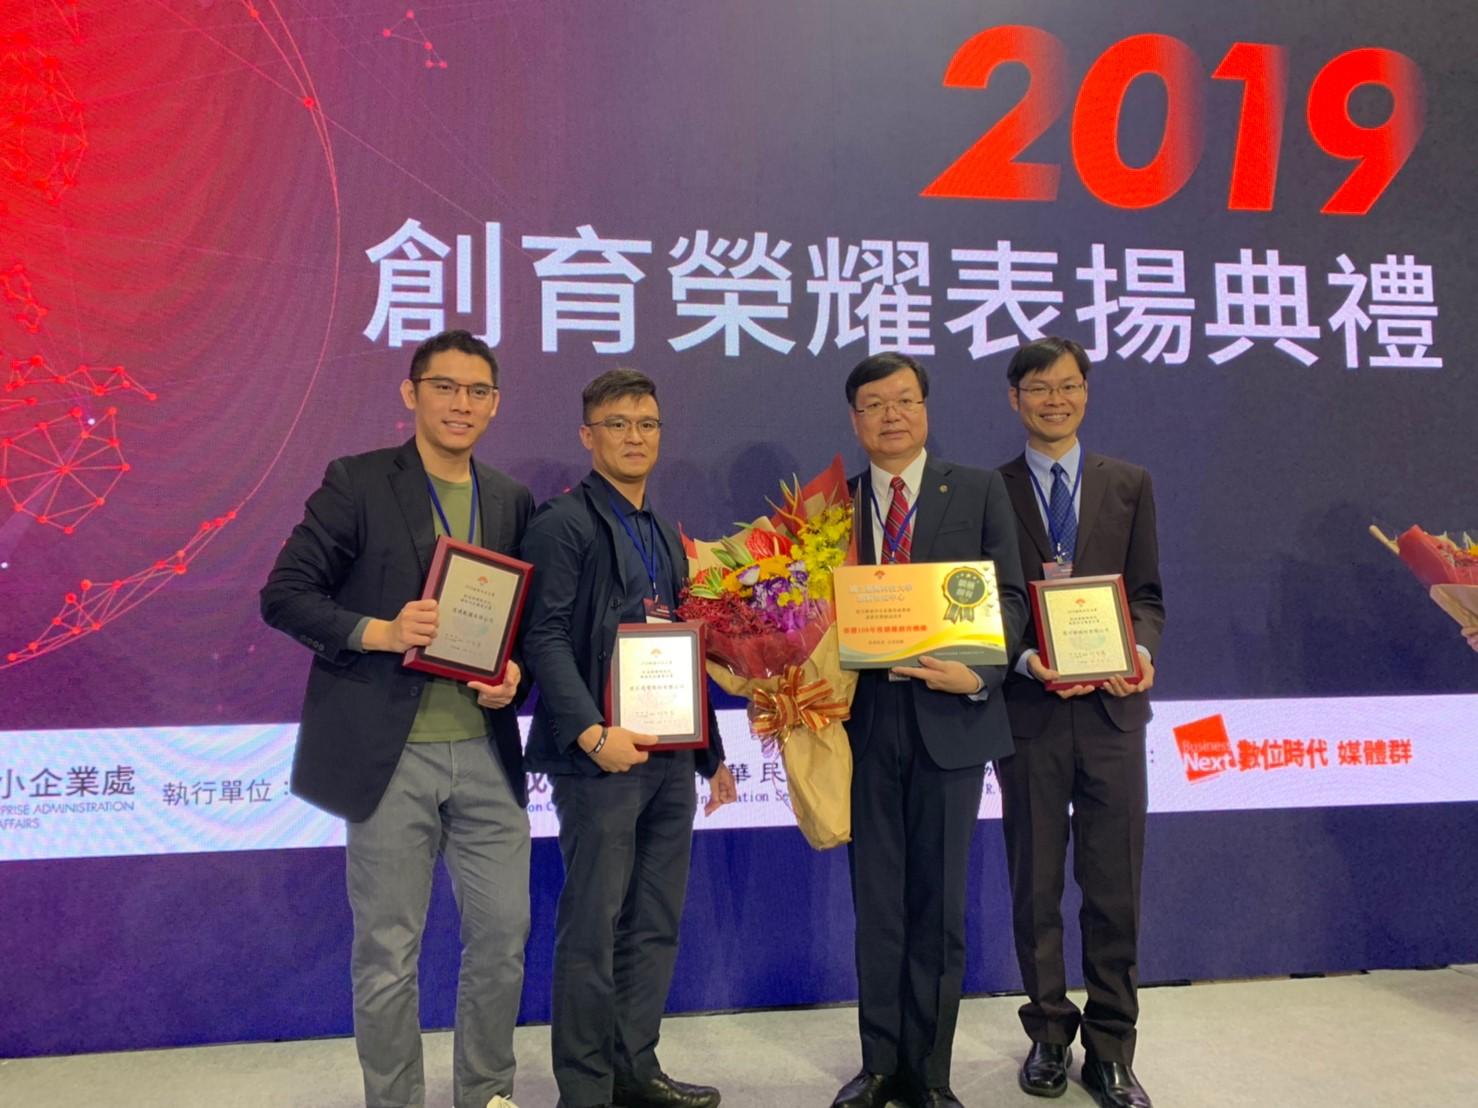 2019.11.14-績優創育機構頒獎典禮@Meet Taipei_191117_0018